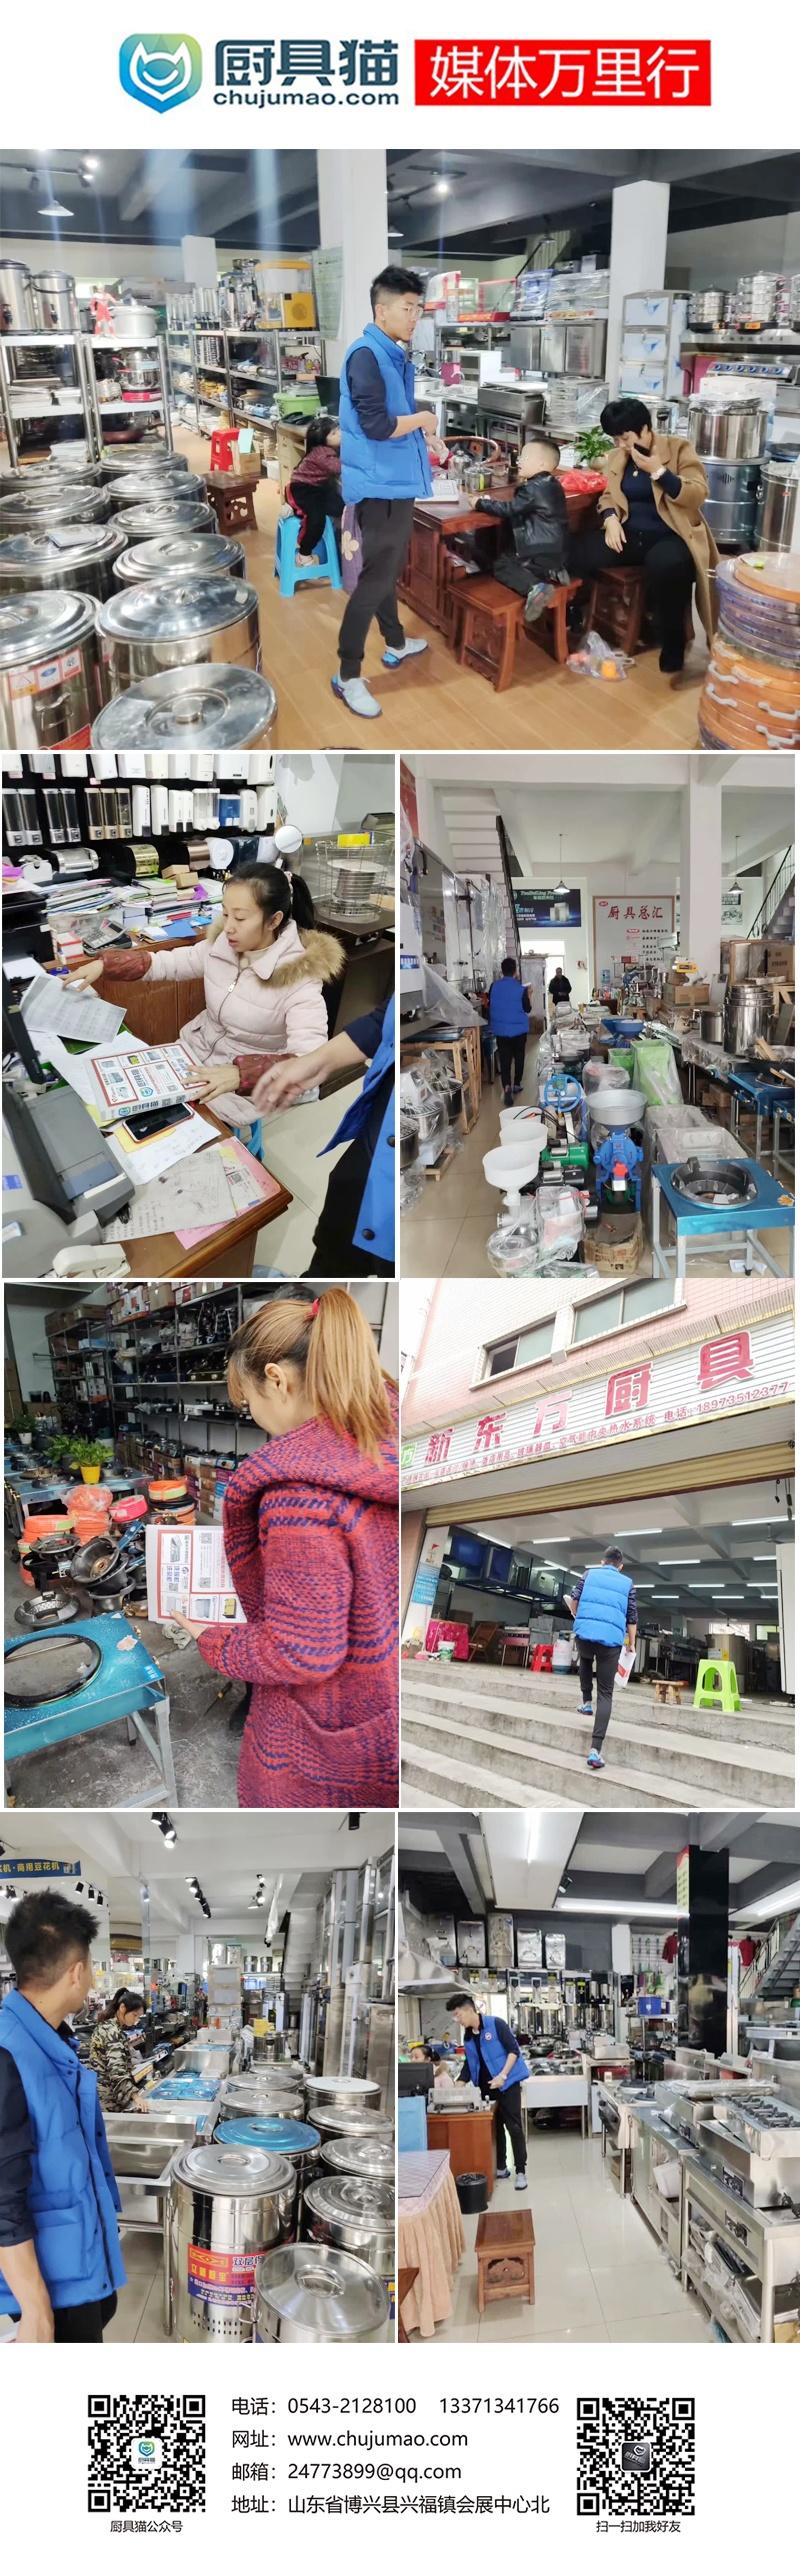 湖南郴州厨具大市场推广中 关注公众号  方便高效